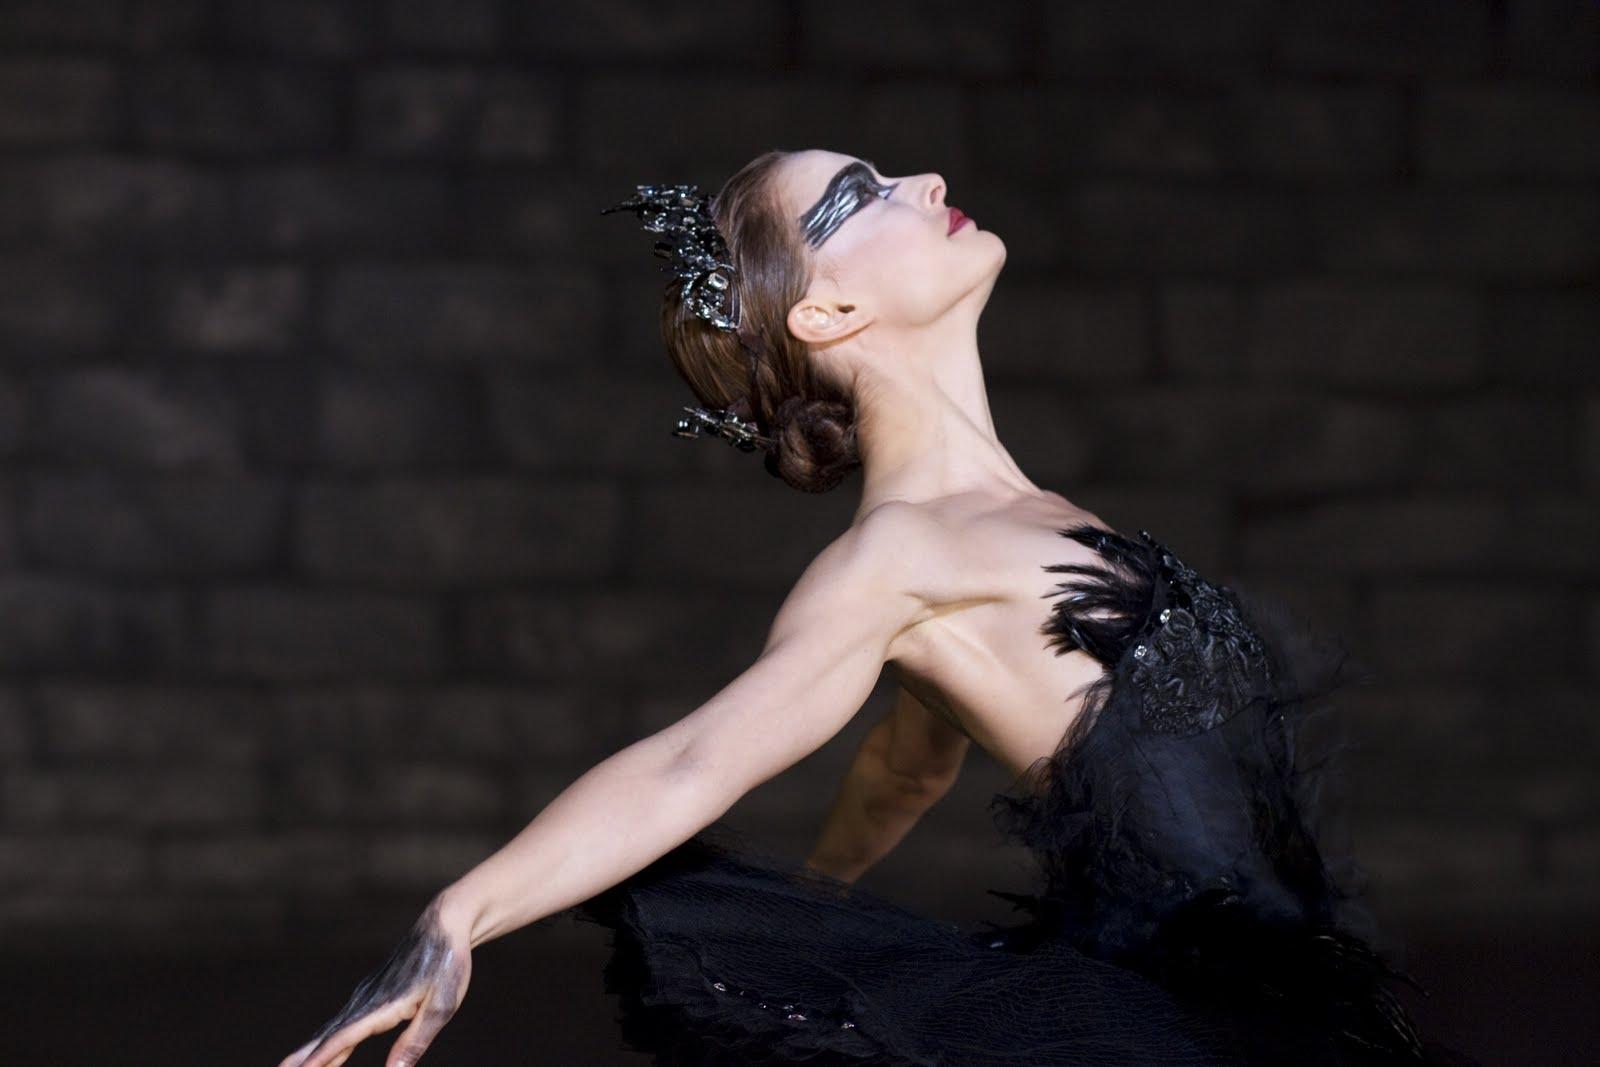 http://1.bp.blogspot.com/-By4rHAvz9jo/ThYCj_9ssPI/AAAAAAAAAaE/i02MsKRtRxA/s1600/Black-Swan-natalie-portman-17392128-2560-1707.jpg